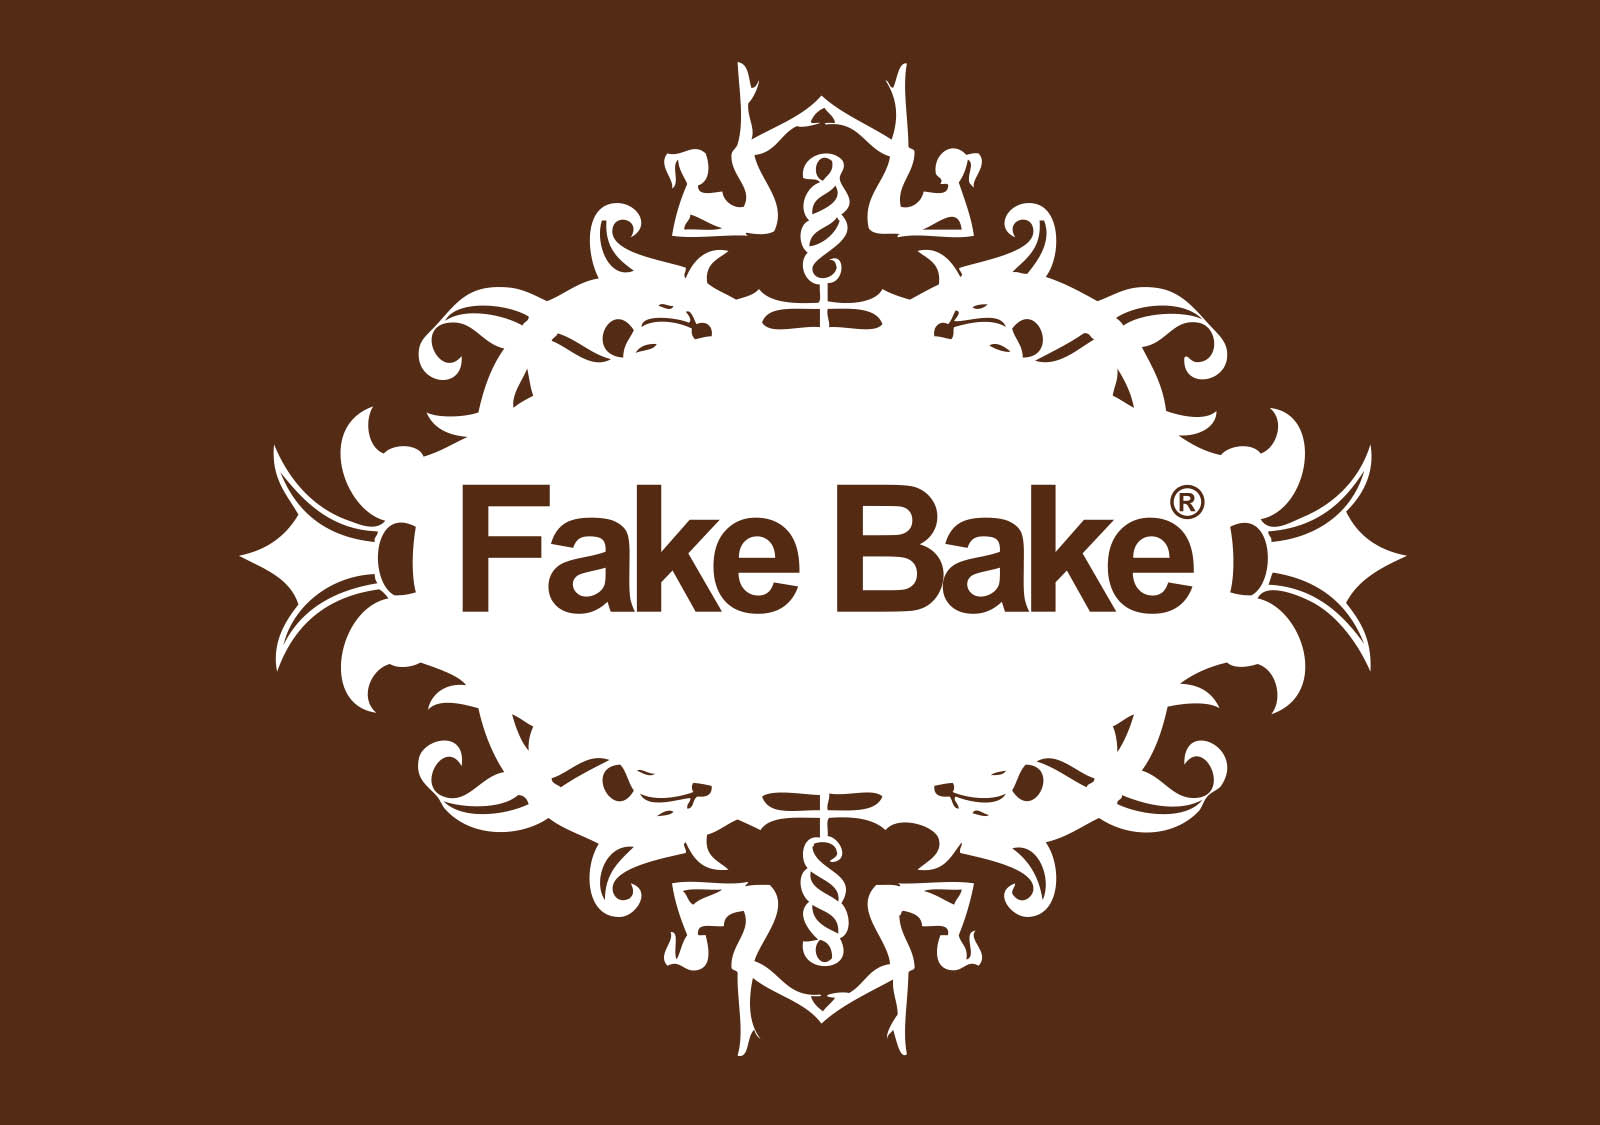 fake_bake_1